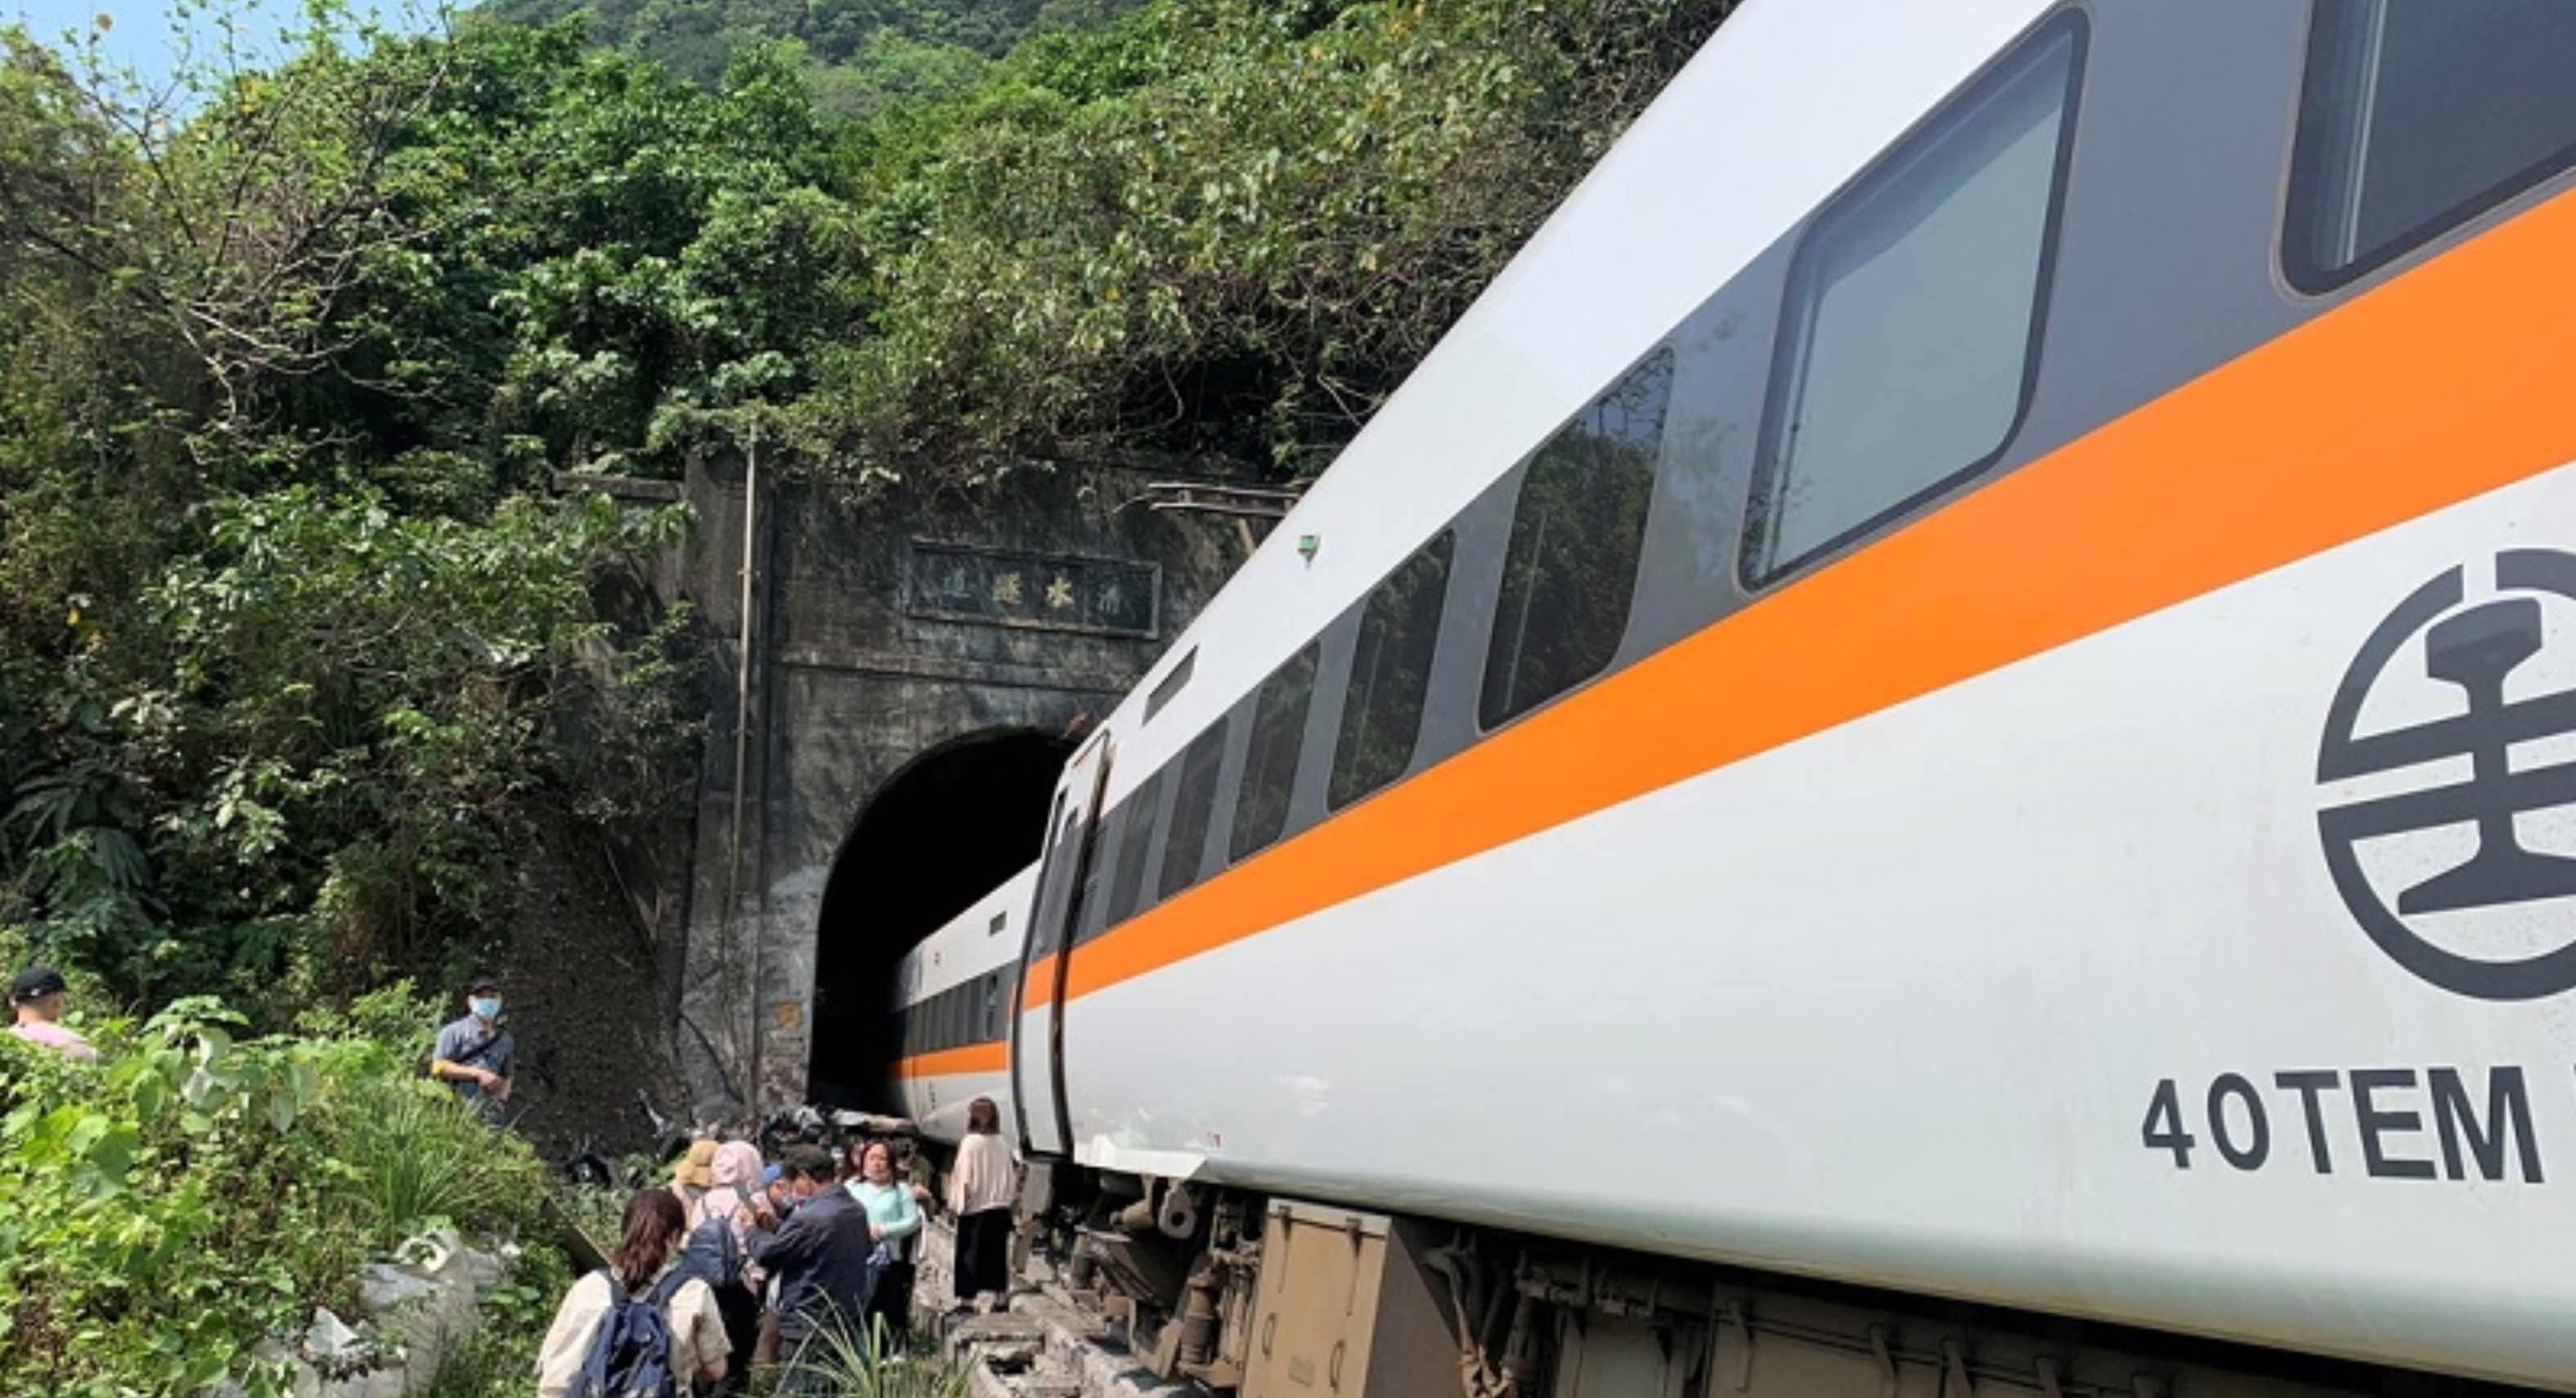 Accidente en Taiwan de un ferrocarril deja al menos 40 fallecidos